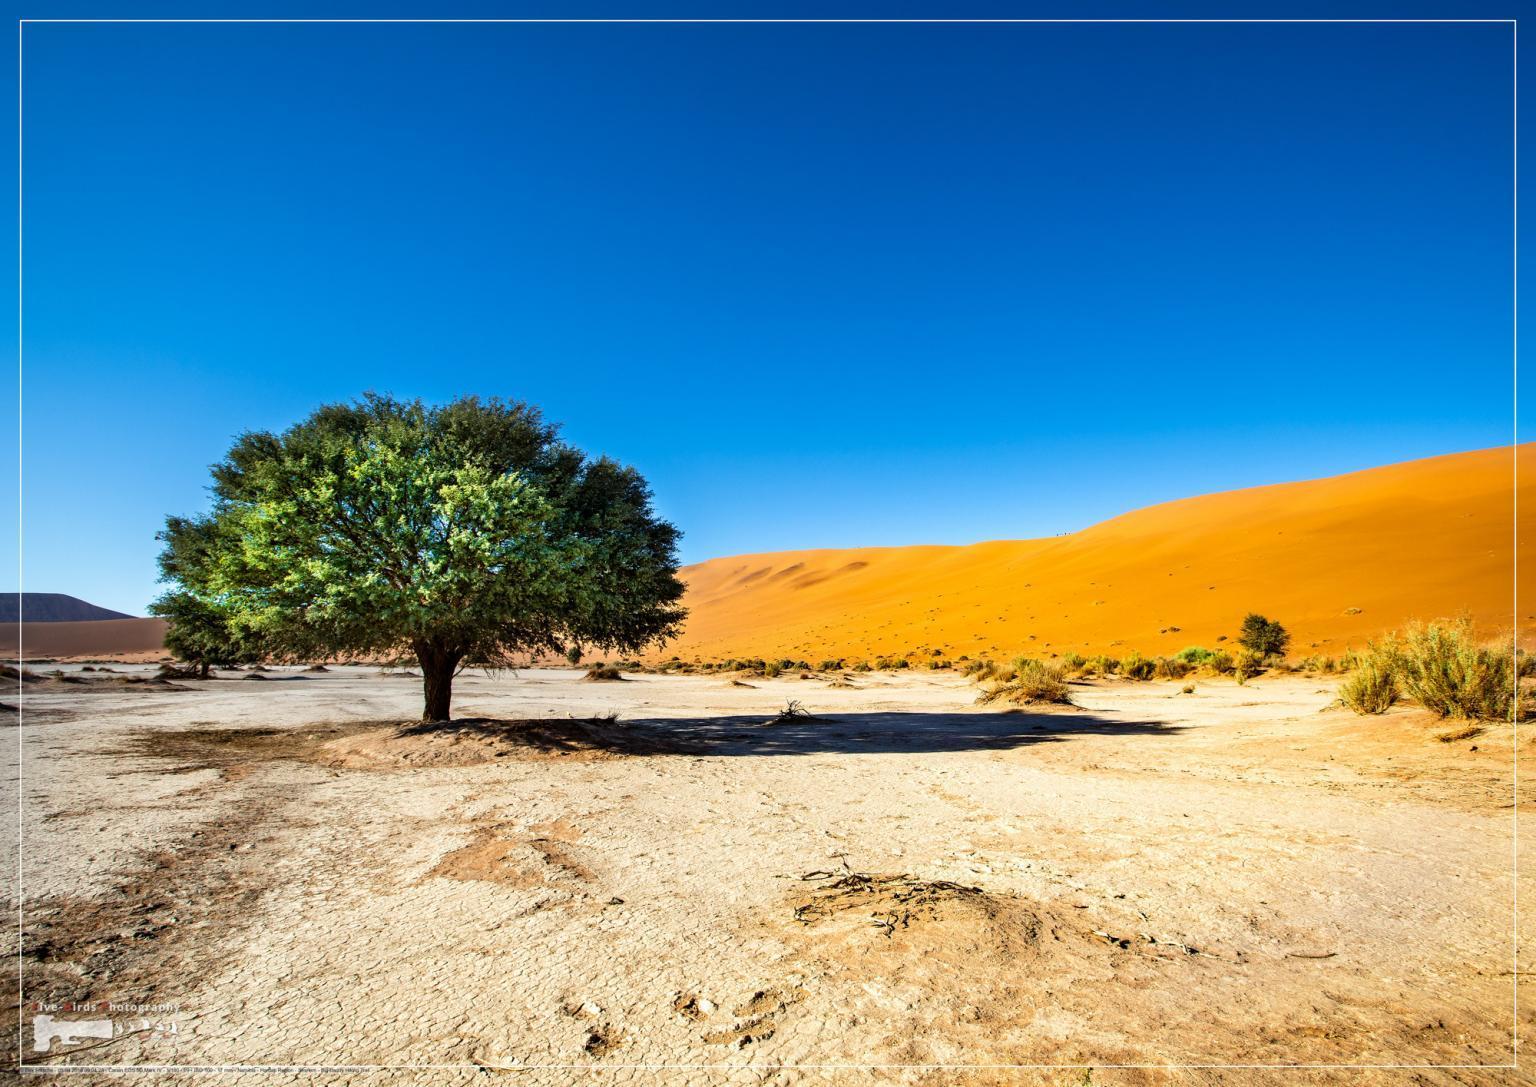 Vegetation in the Namib Desert in Sossusvlei